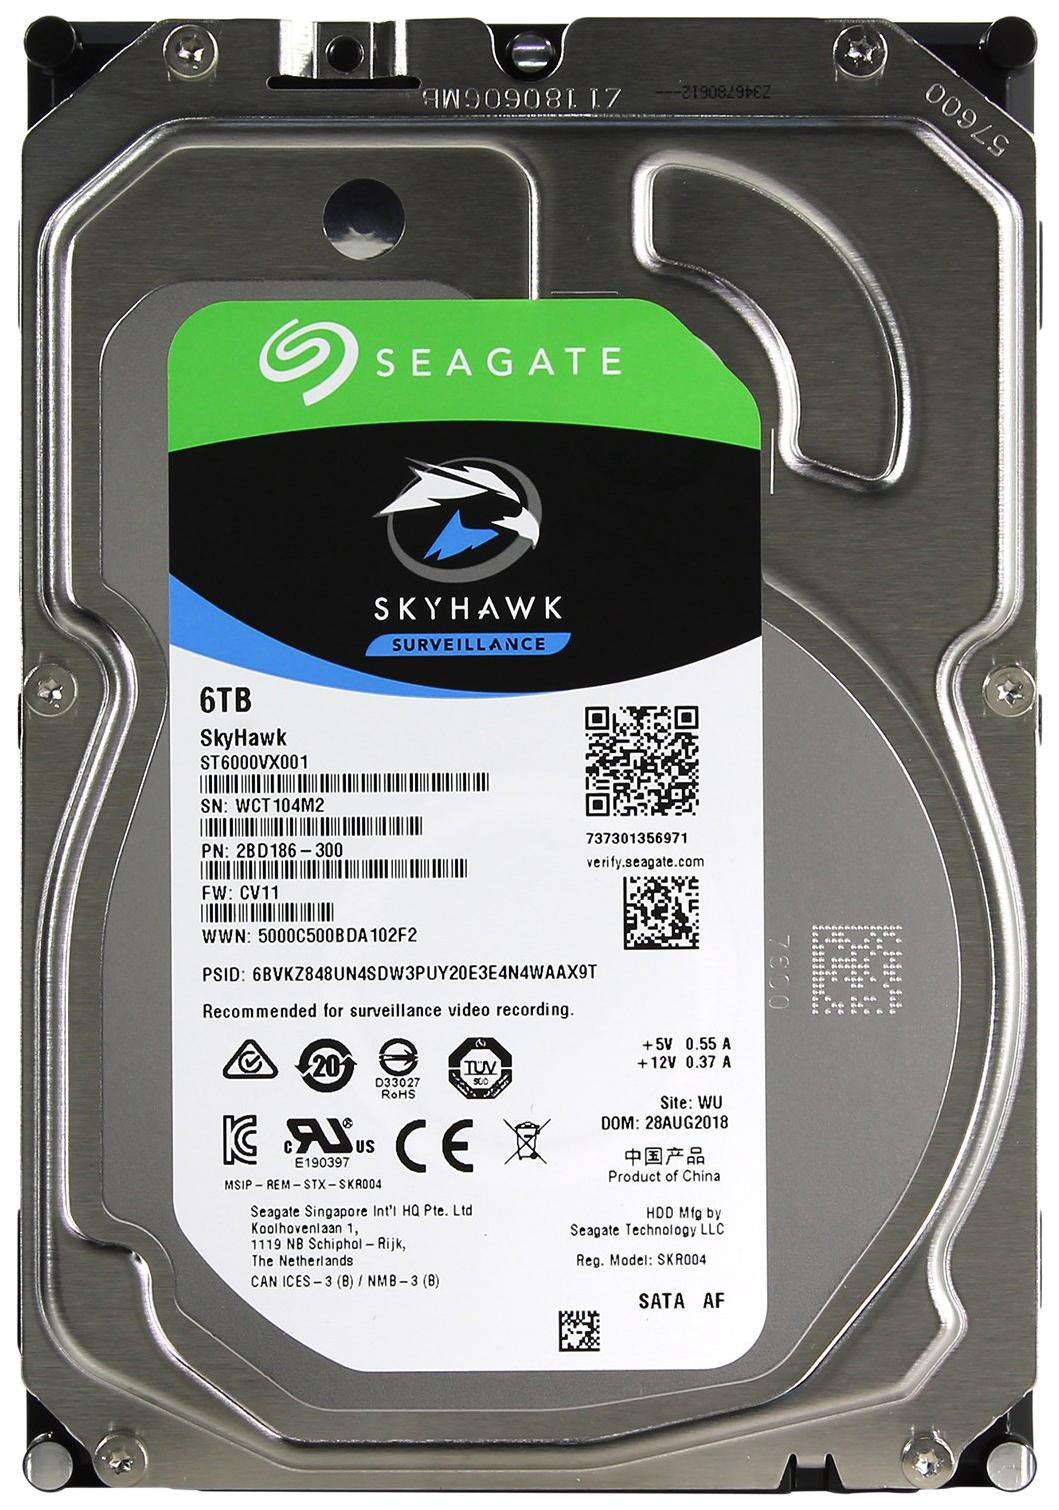 Внутренний жесткий диск Seagate Skyhawk 6TB (ST6000VX001)